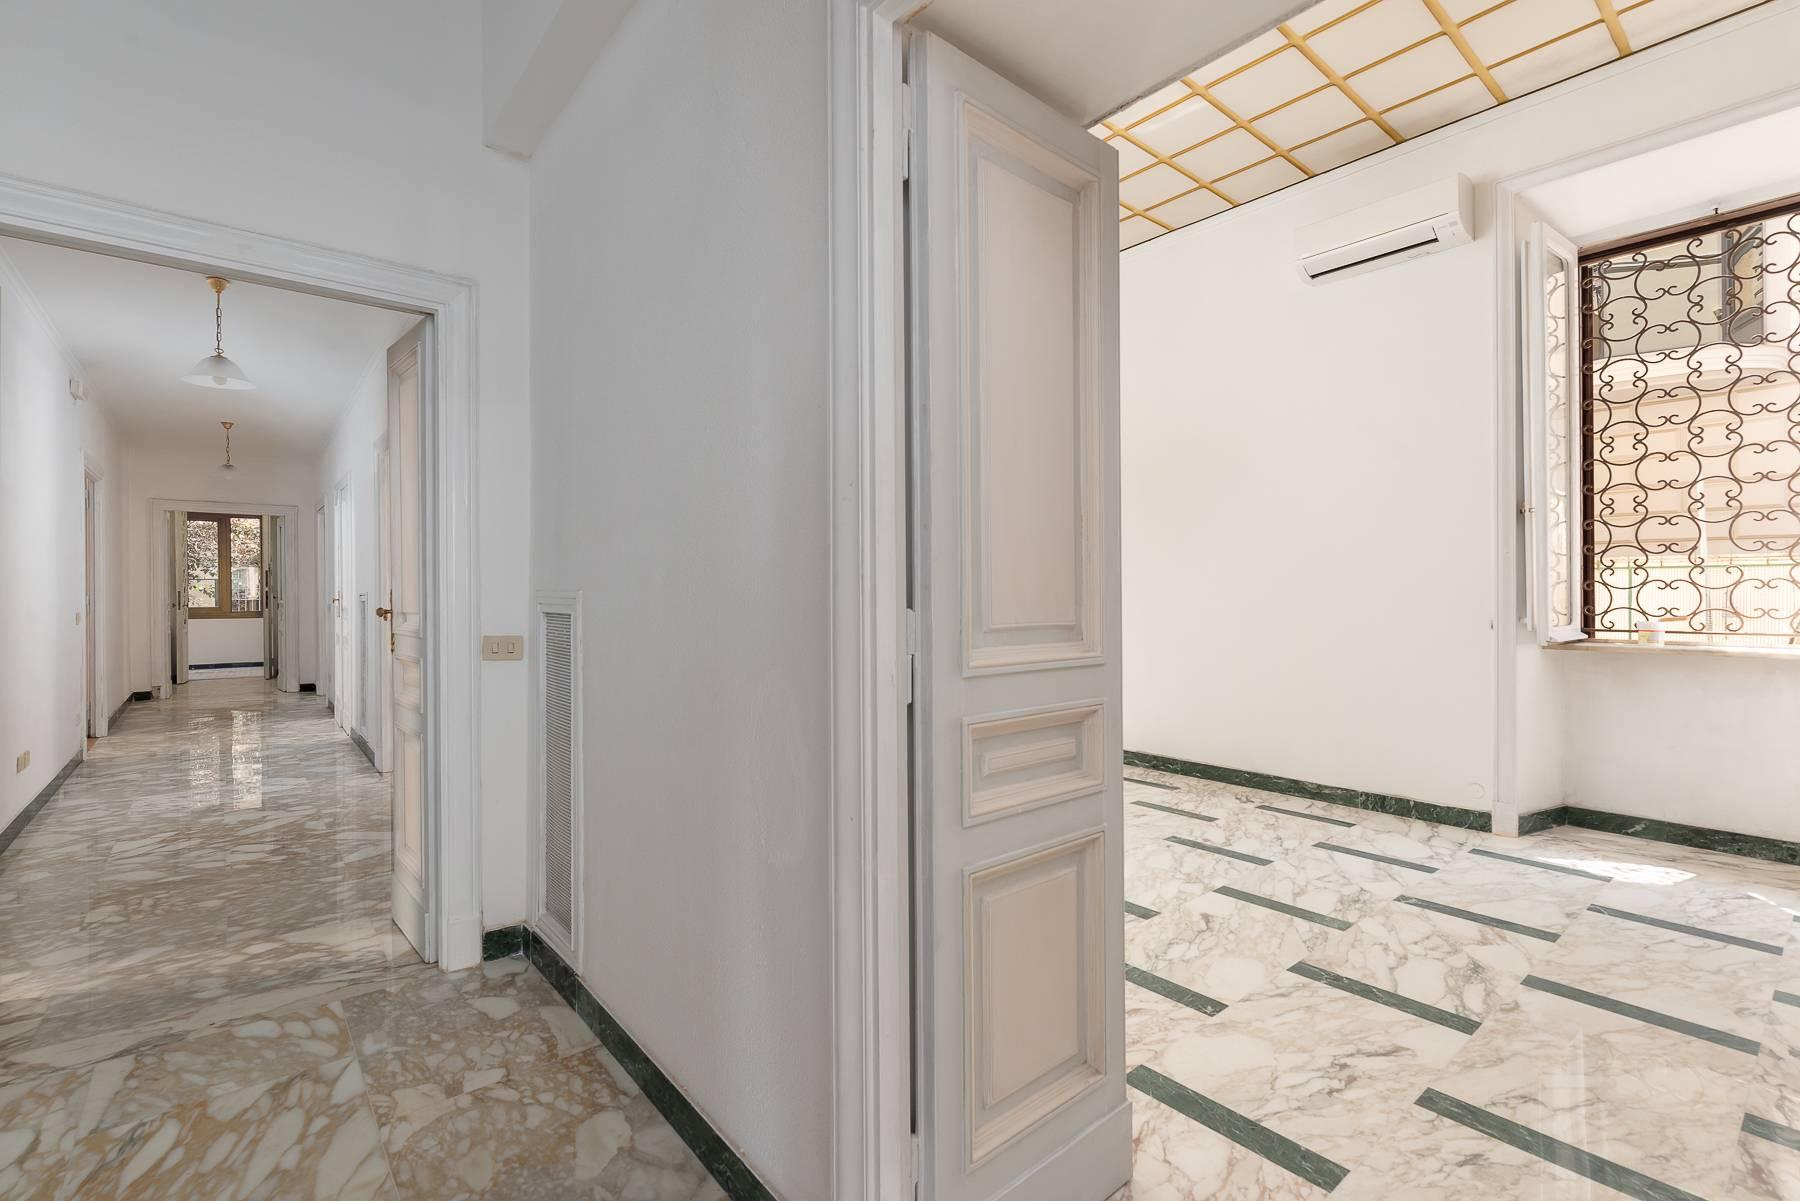 Ufficio-studio in Vendita a Roma: 5 locali, 322 mq - Foto 3